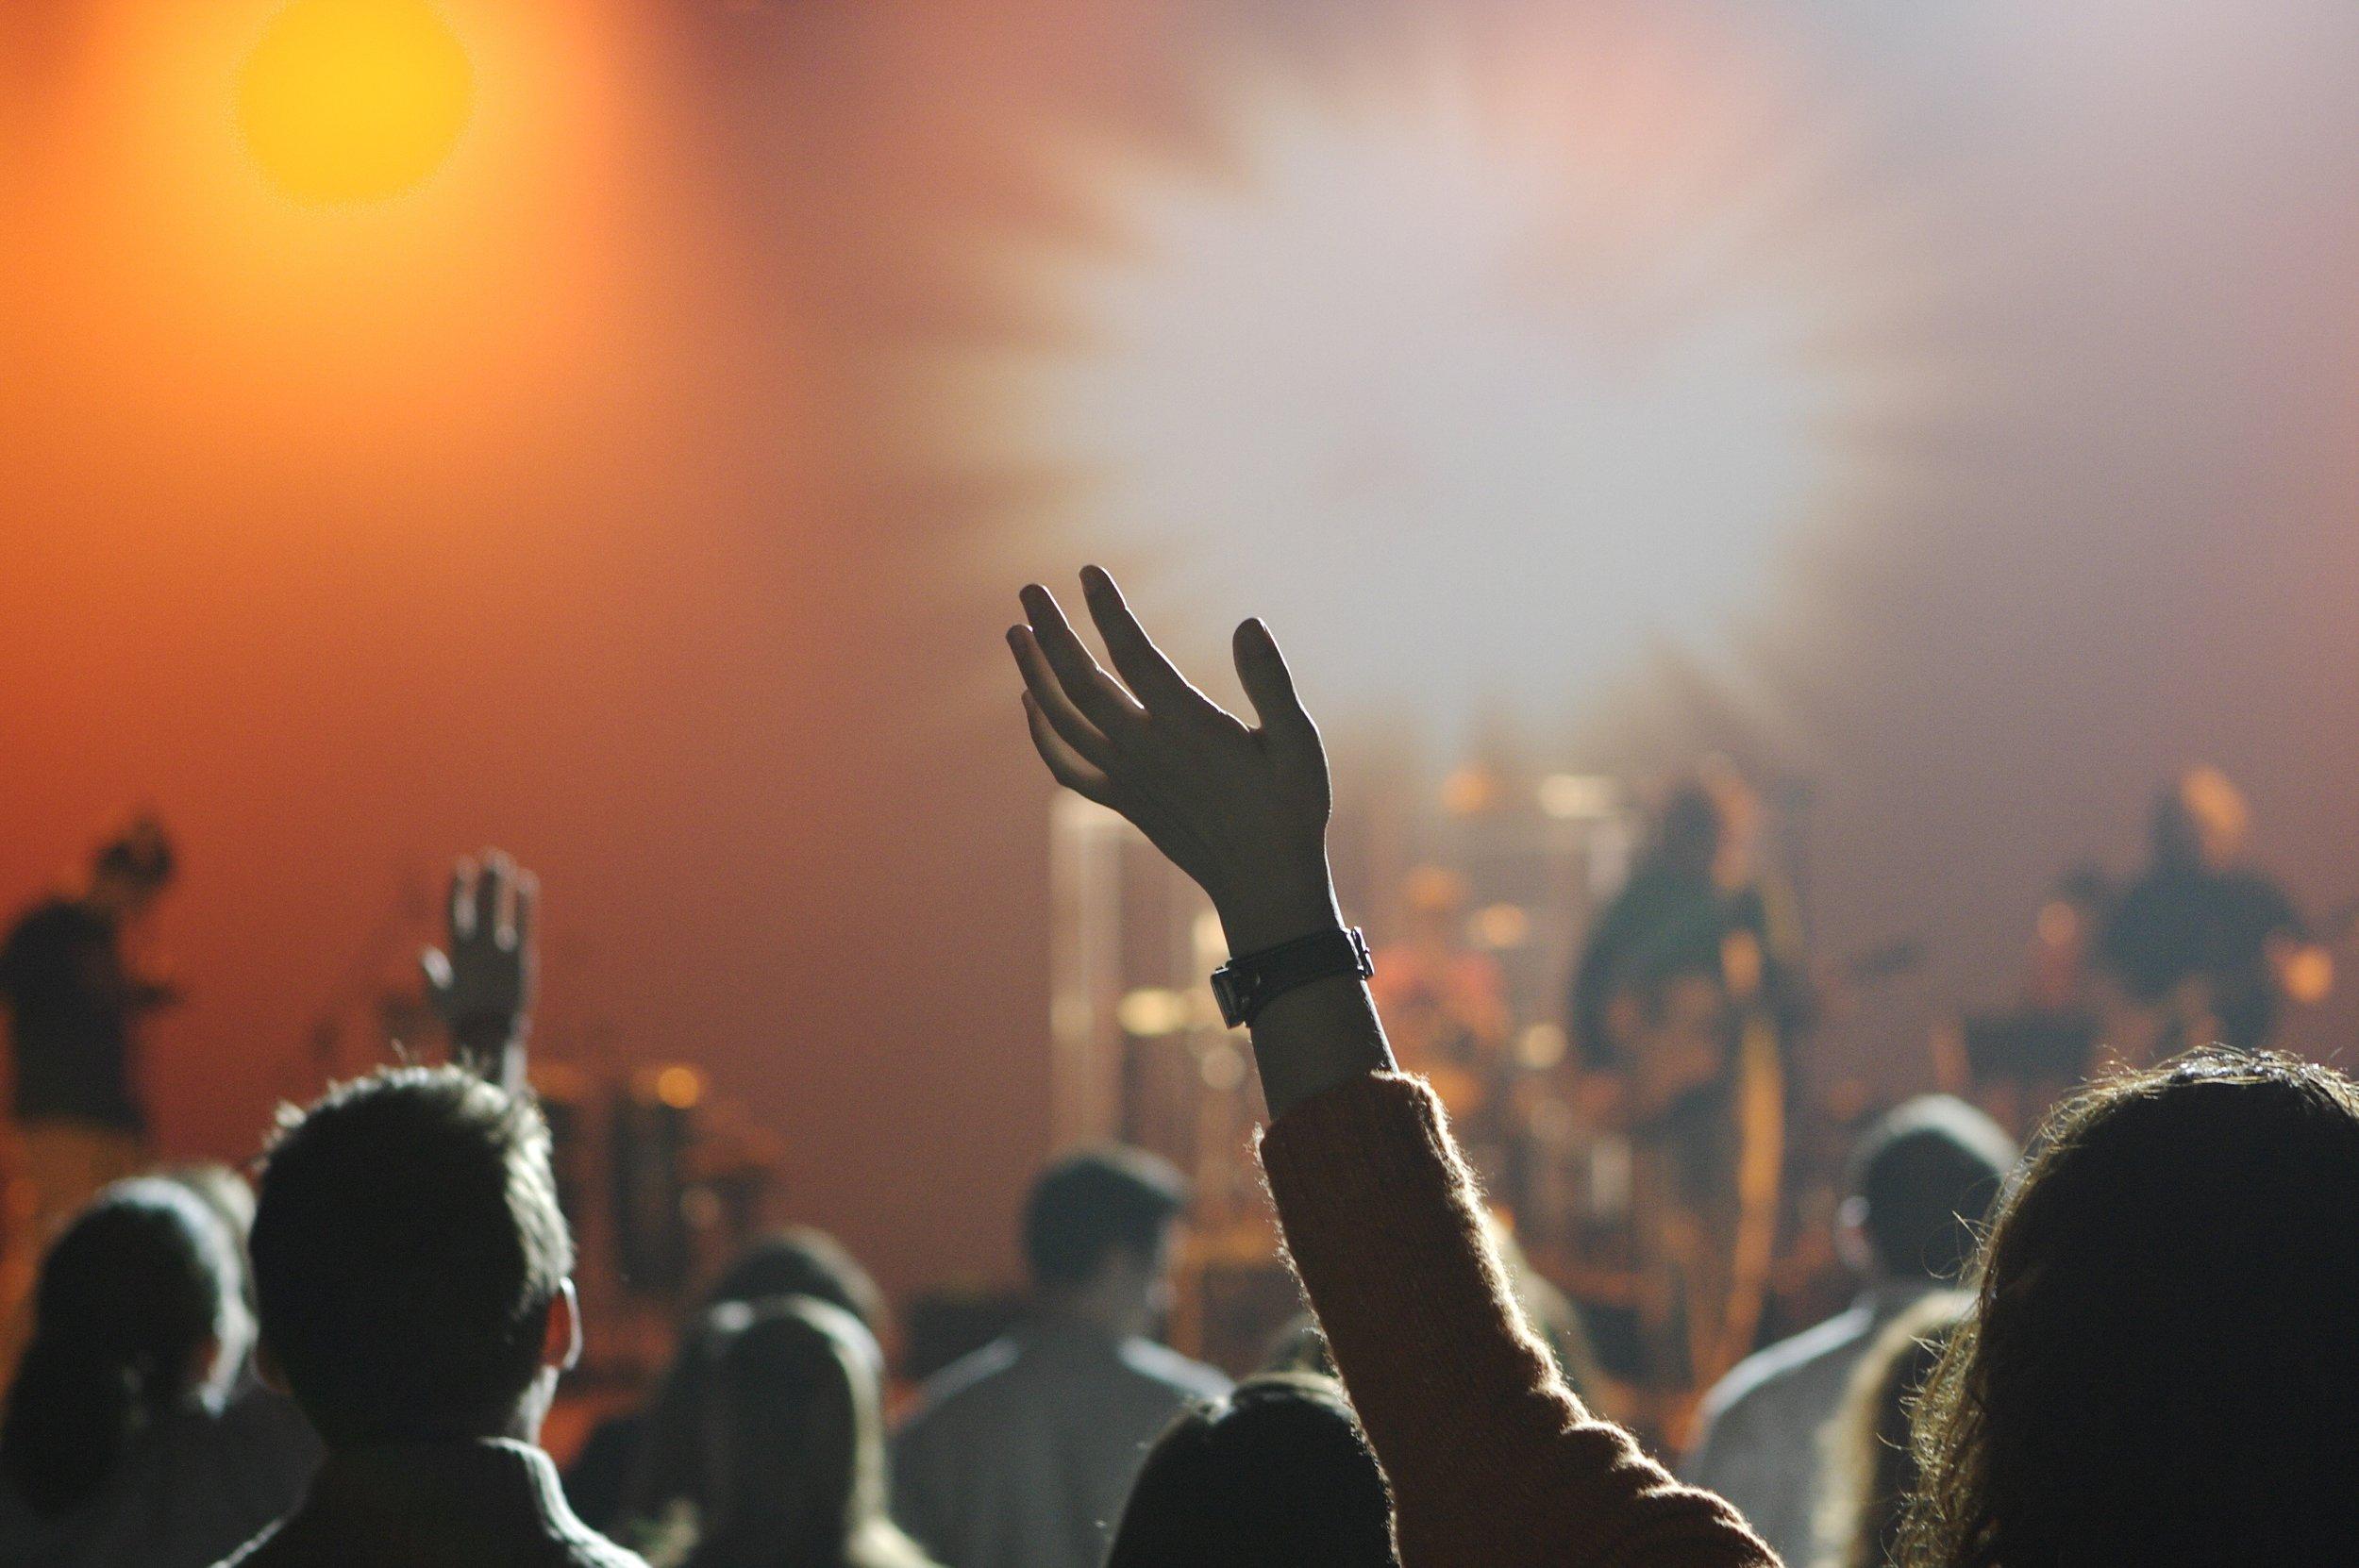 audience-868074.jpg